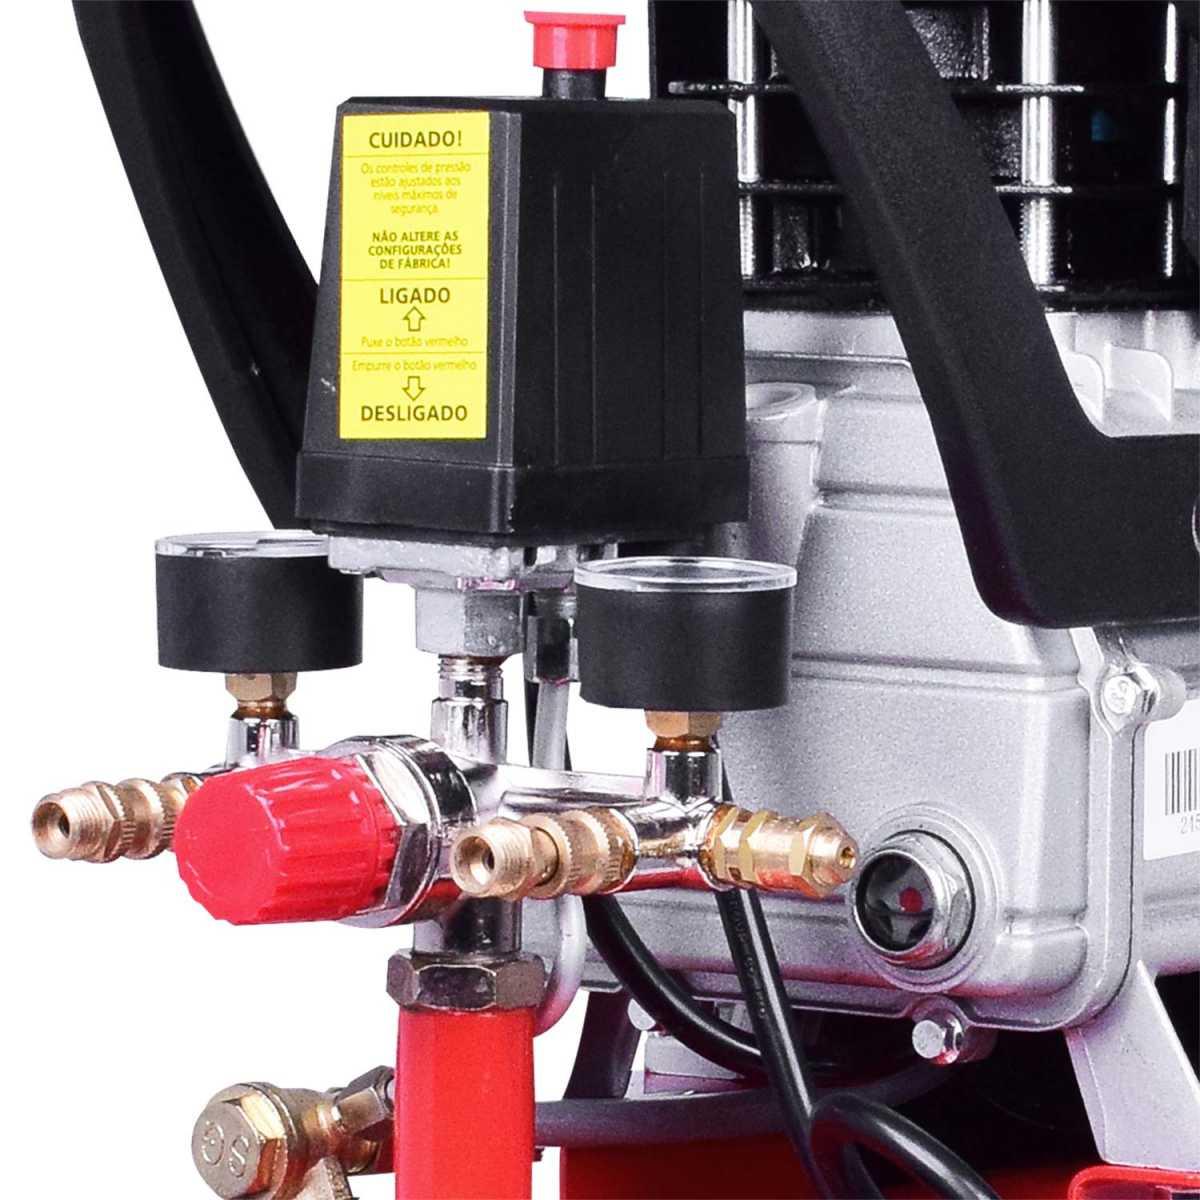 Compressor Portátil 24 Litros 220V Worker